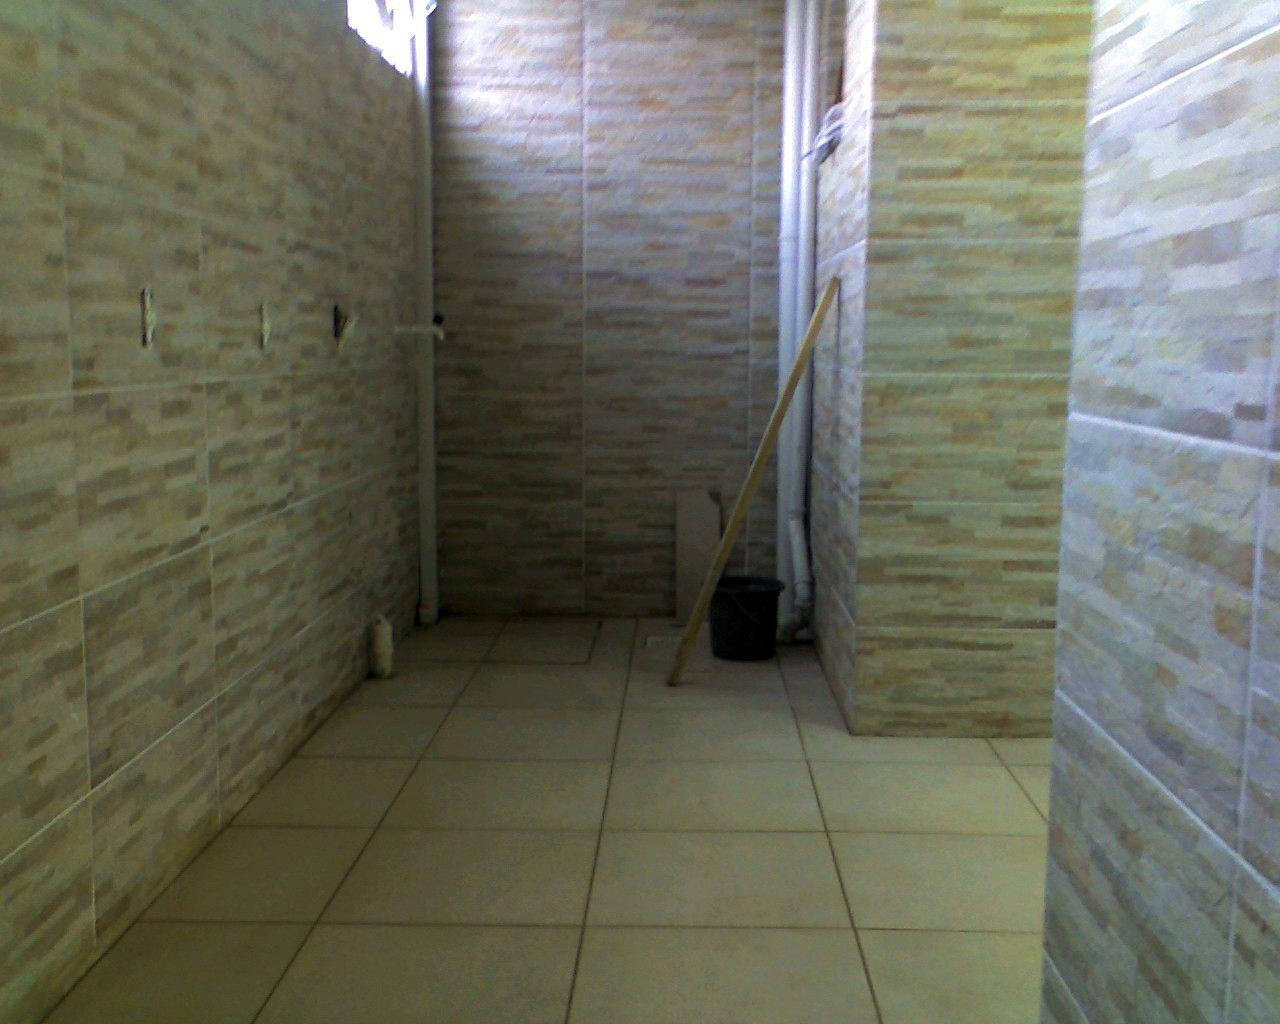 do tapete (tabeira) com peças em 45º faixas decorativas Eliane #797F4C 1280x1024 Azulejo Banheiro Eliane